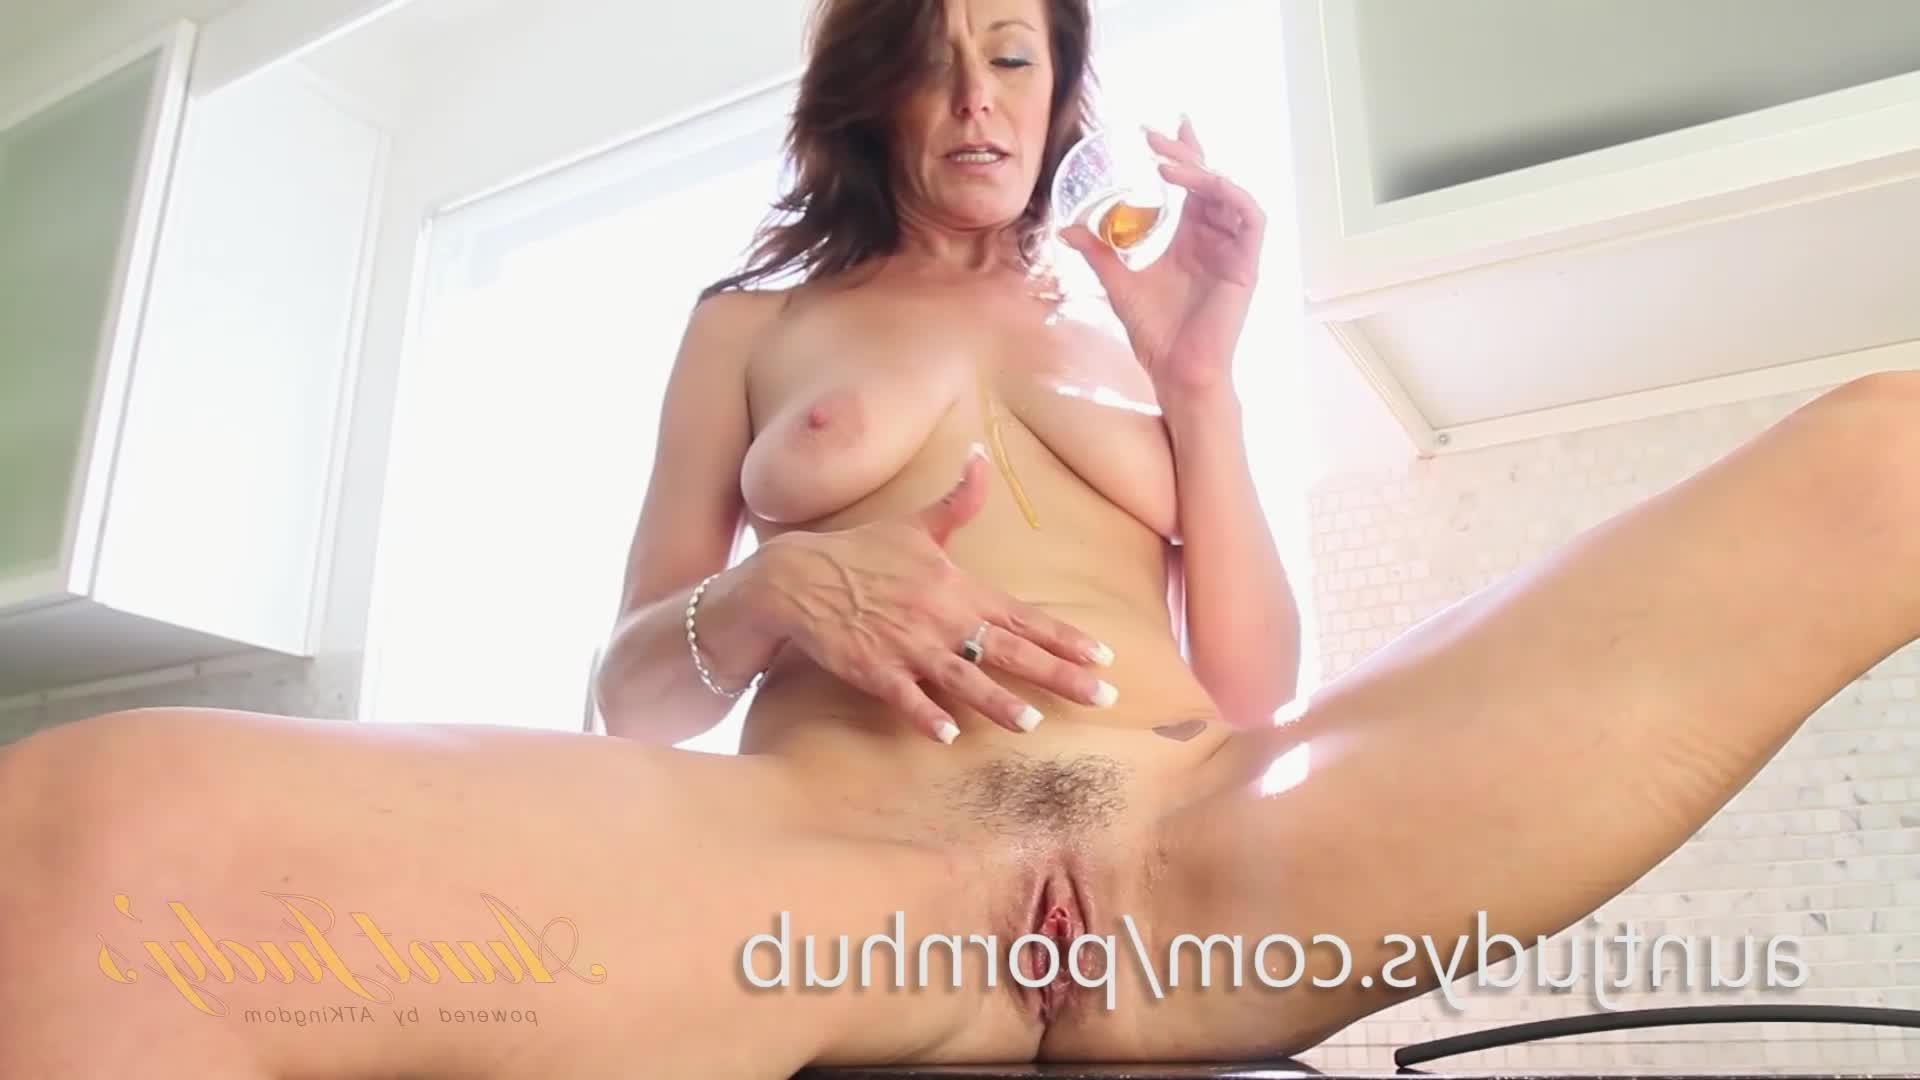 Смотреть порно с едой онлайн бесплатно фото 697-685